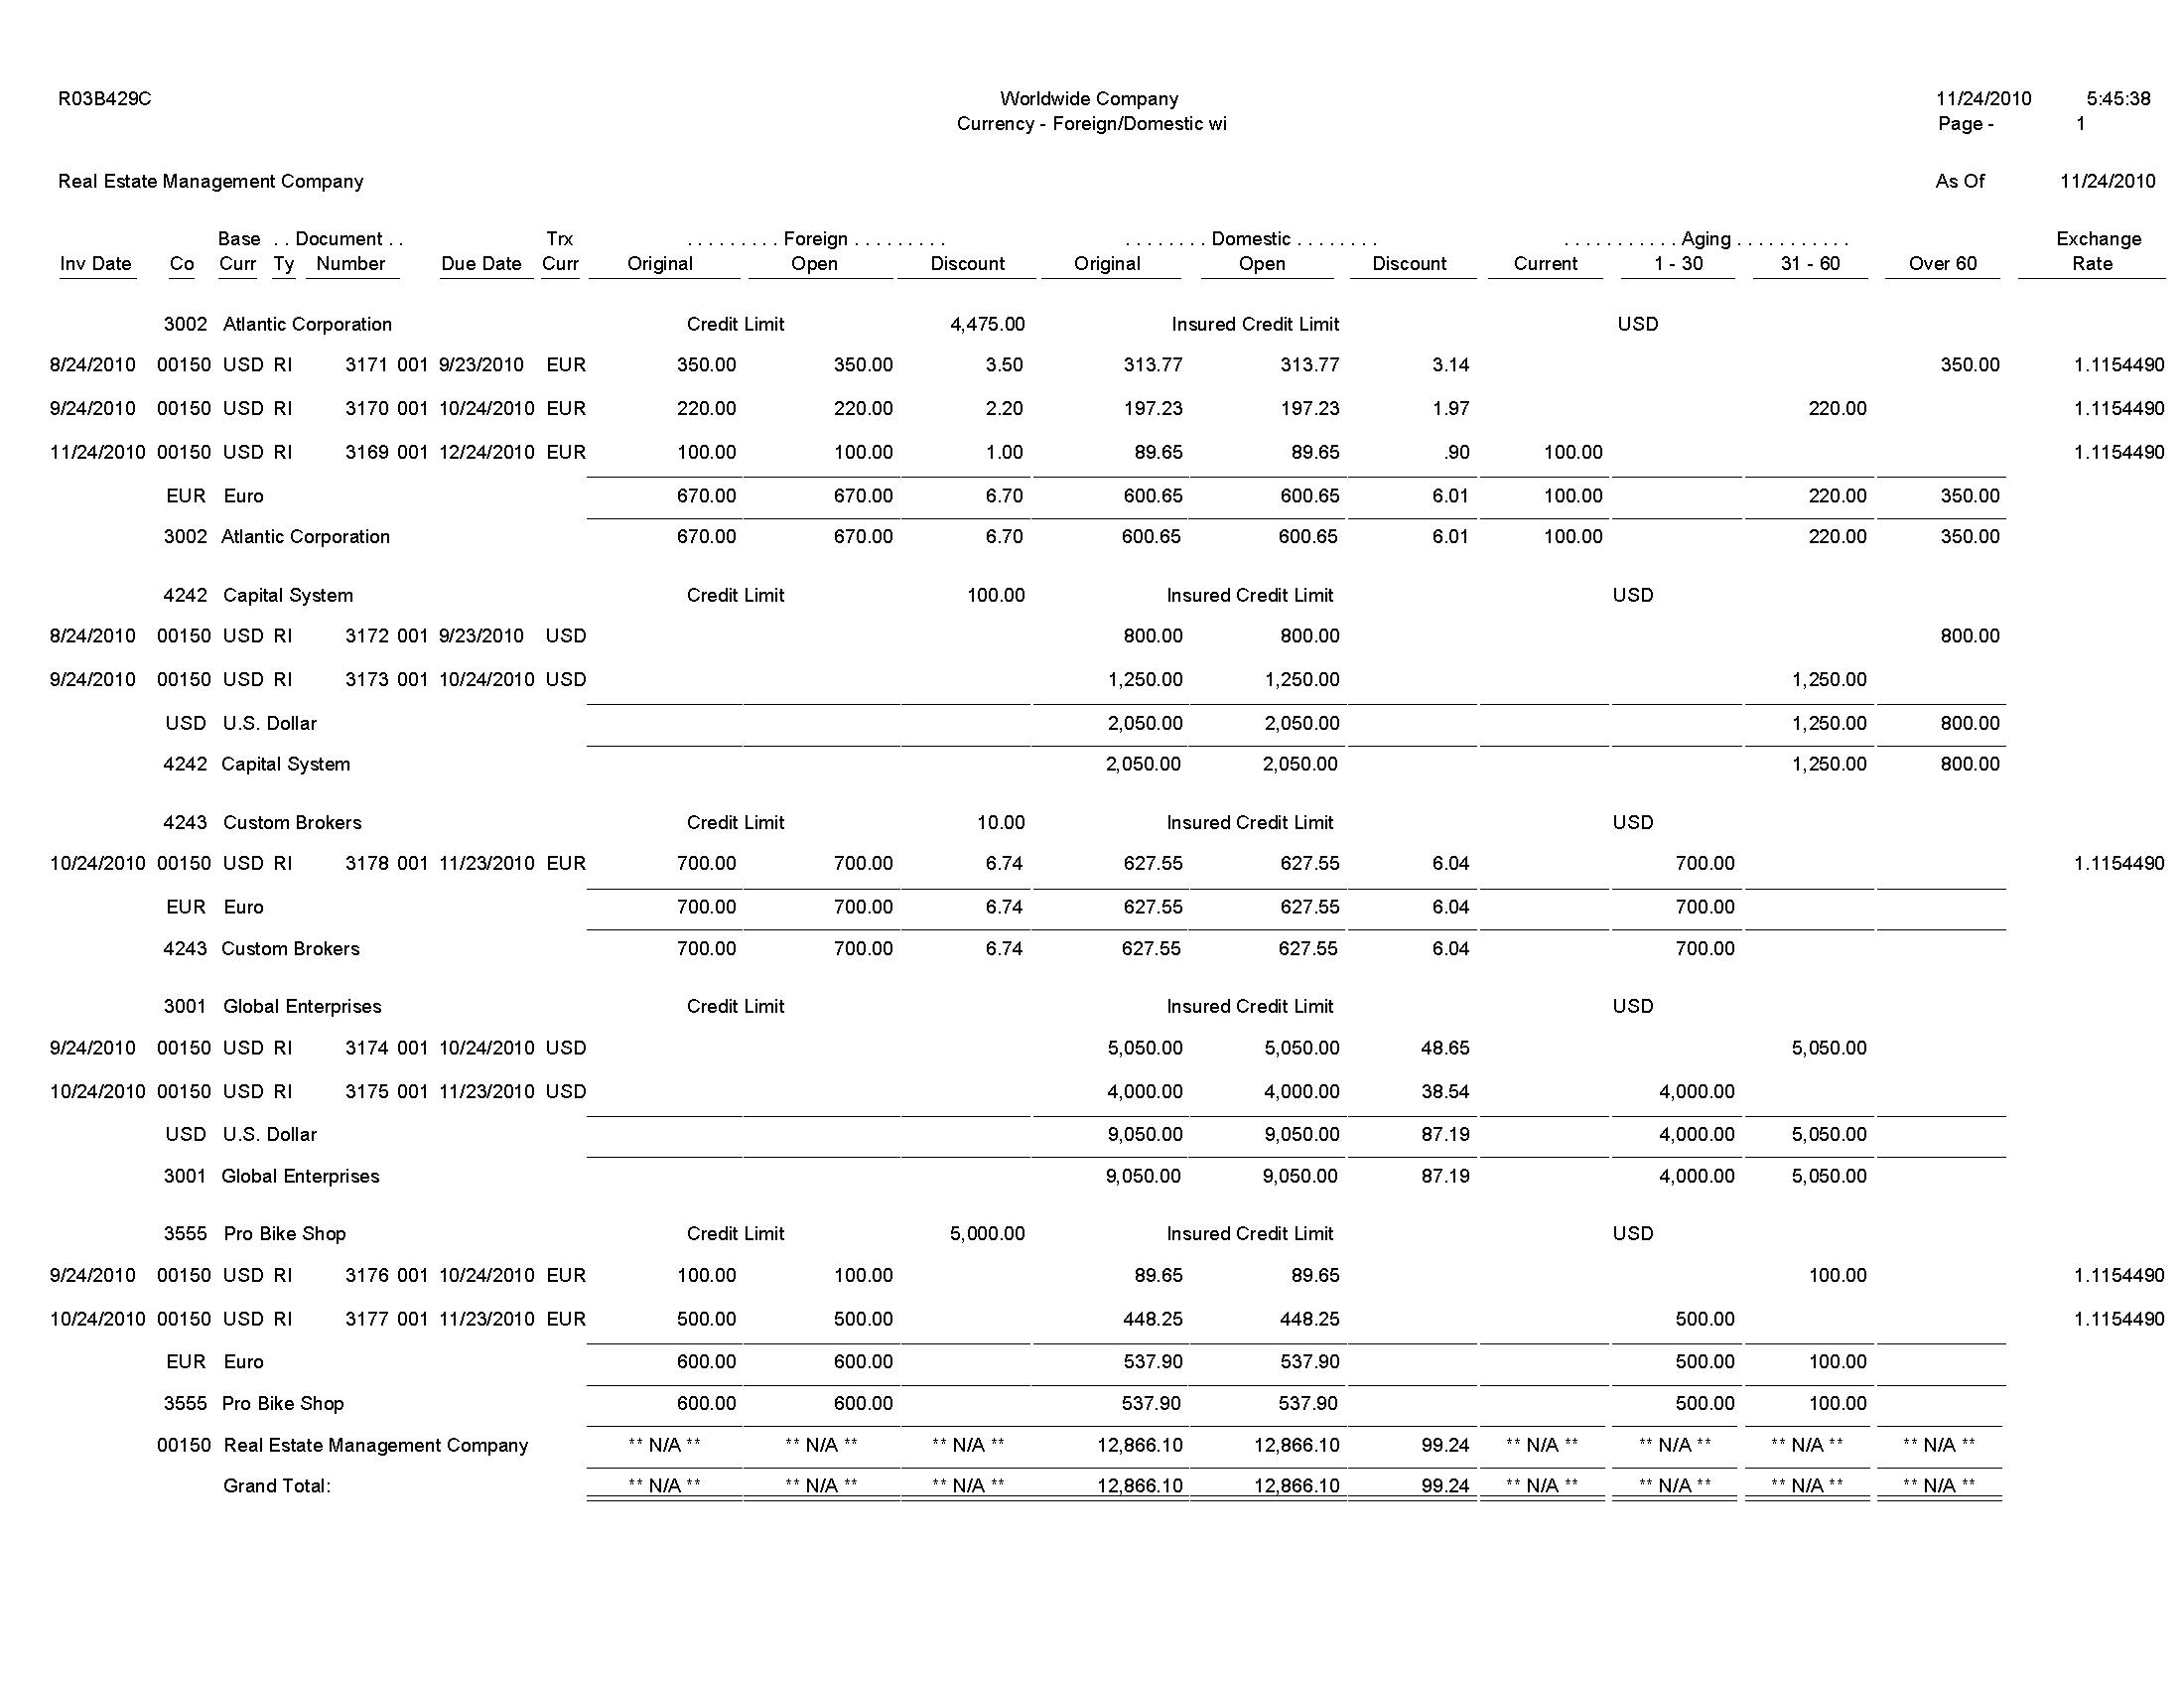 Aging Worksheet